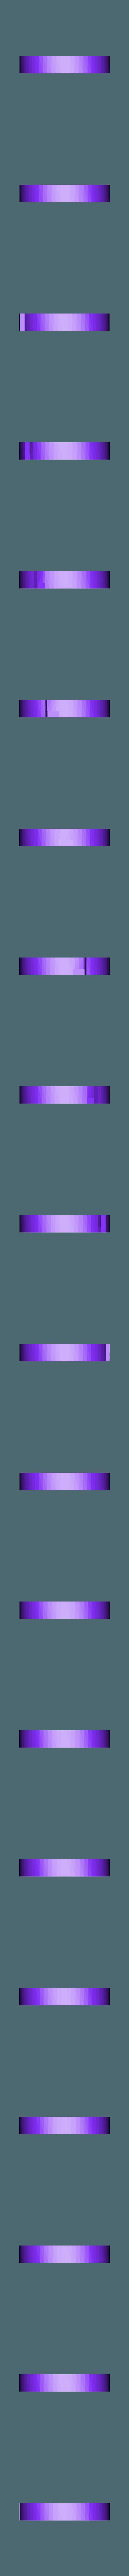 Battery_Base.STL Télécharger fichier STL gratuit Casque de disco • Objet pour imprimante 3D, Electromaker_Kits